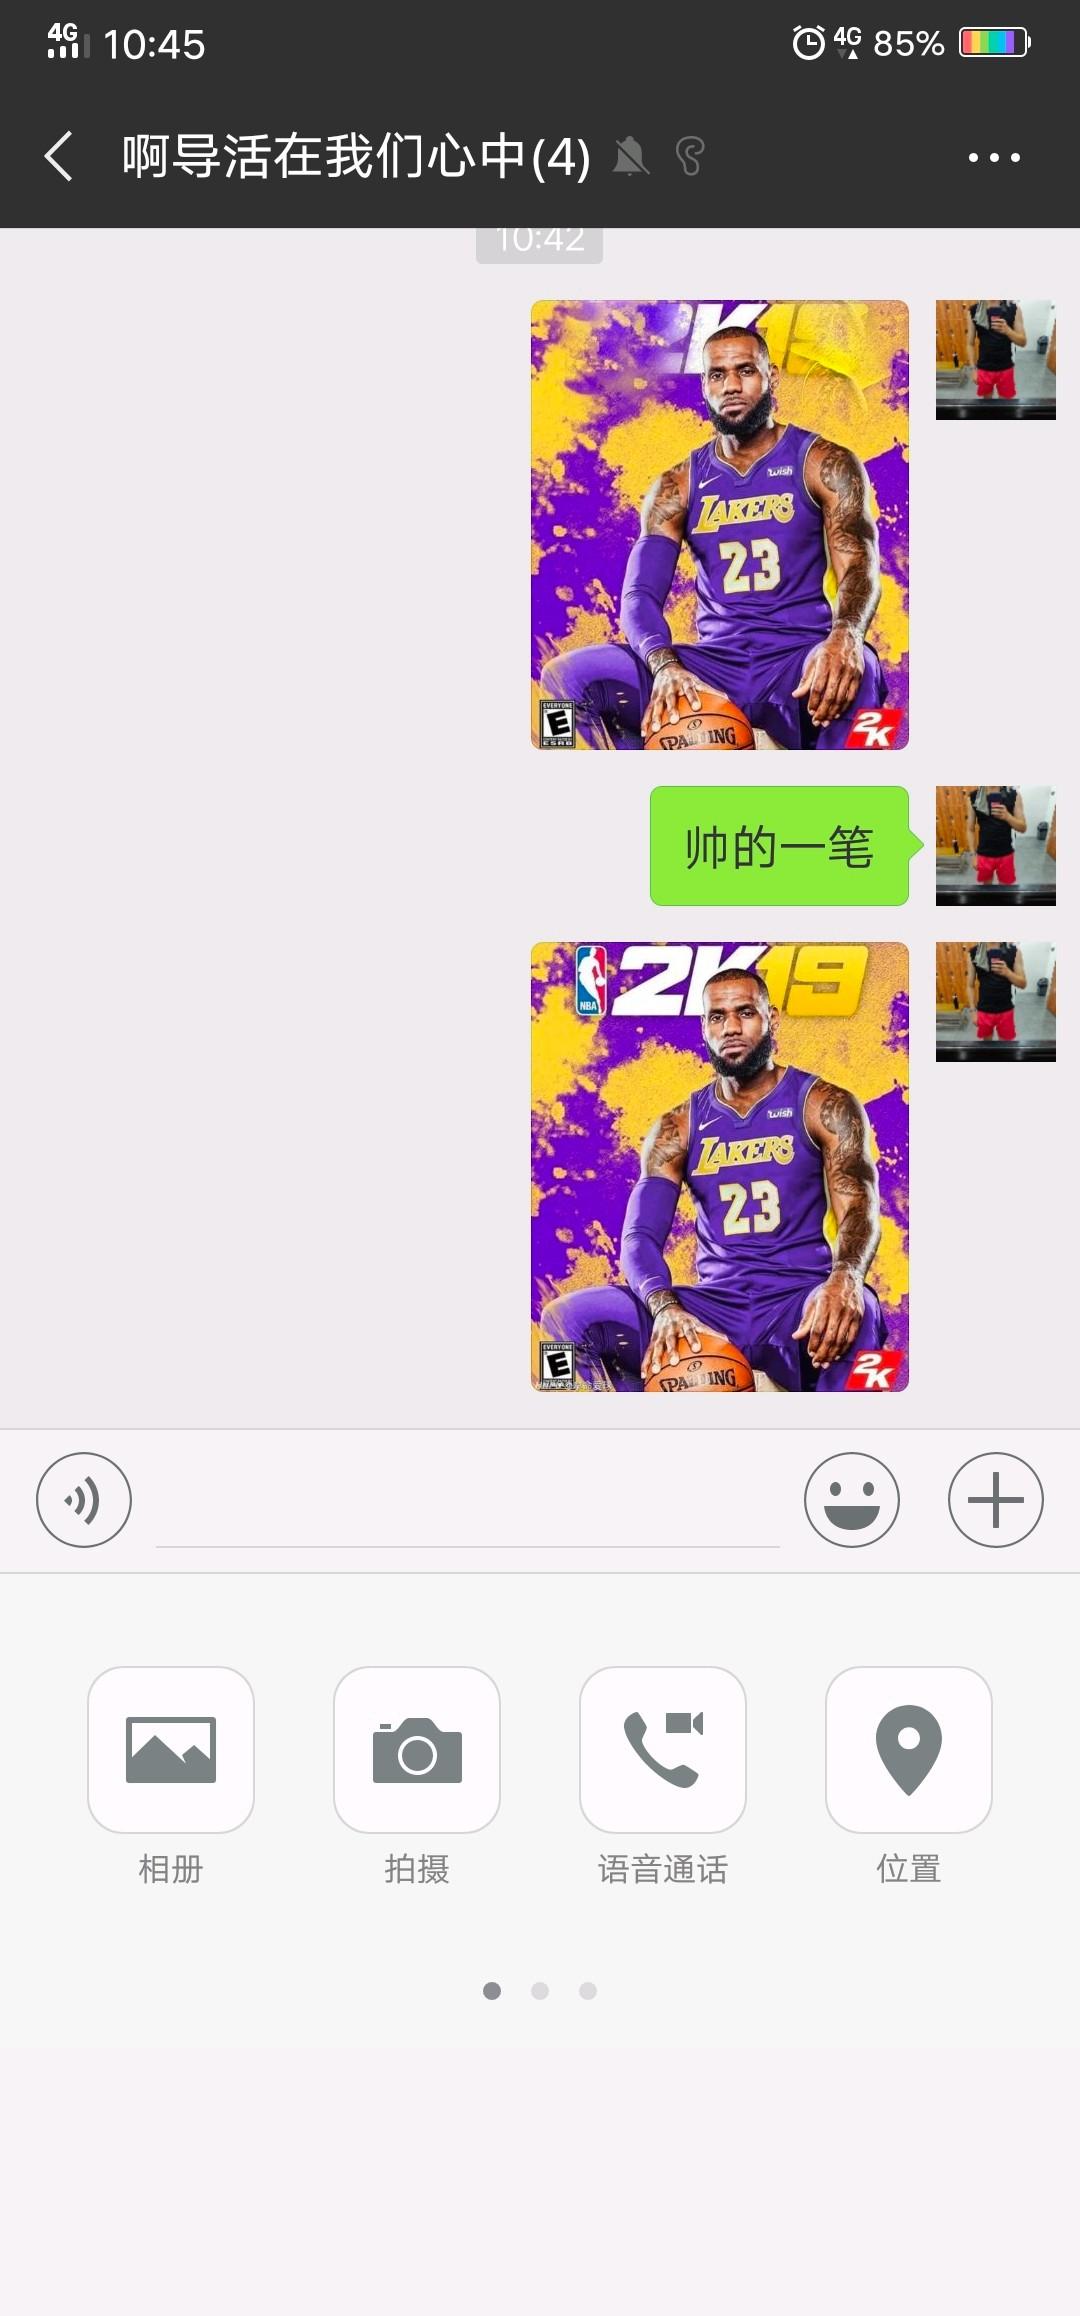 Screenshot_20180717_104546.jpg